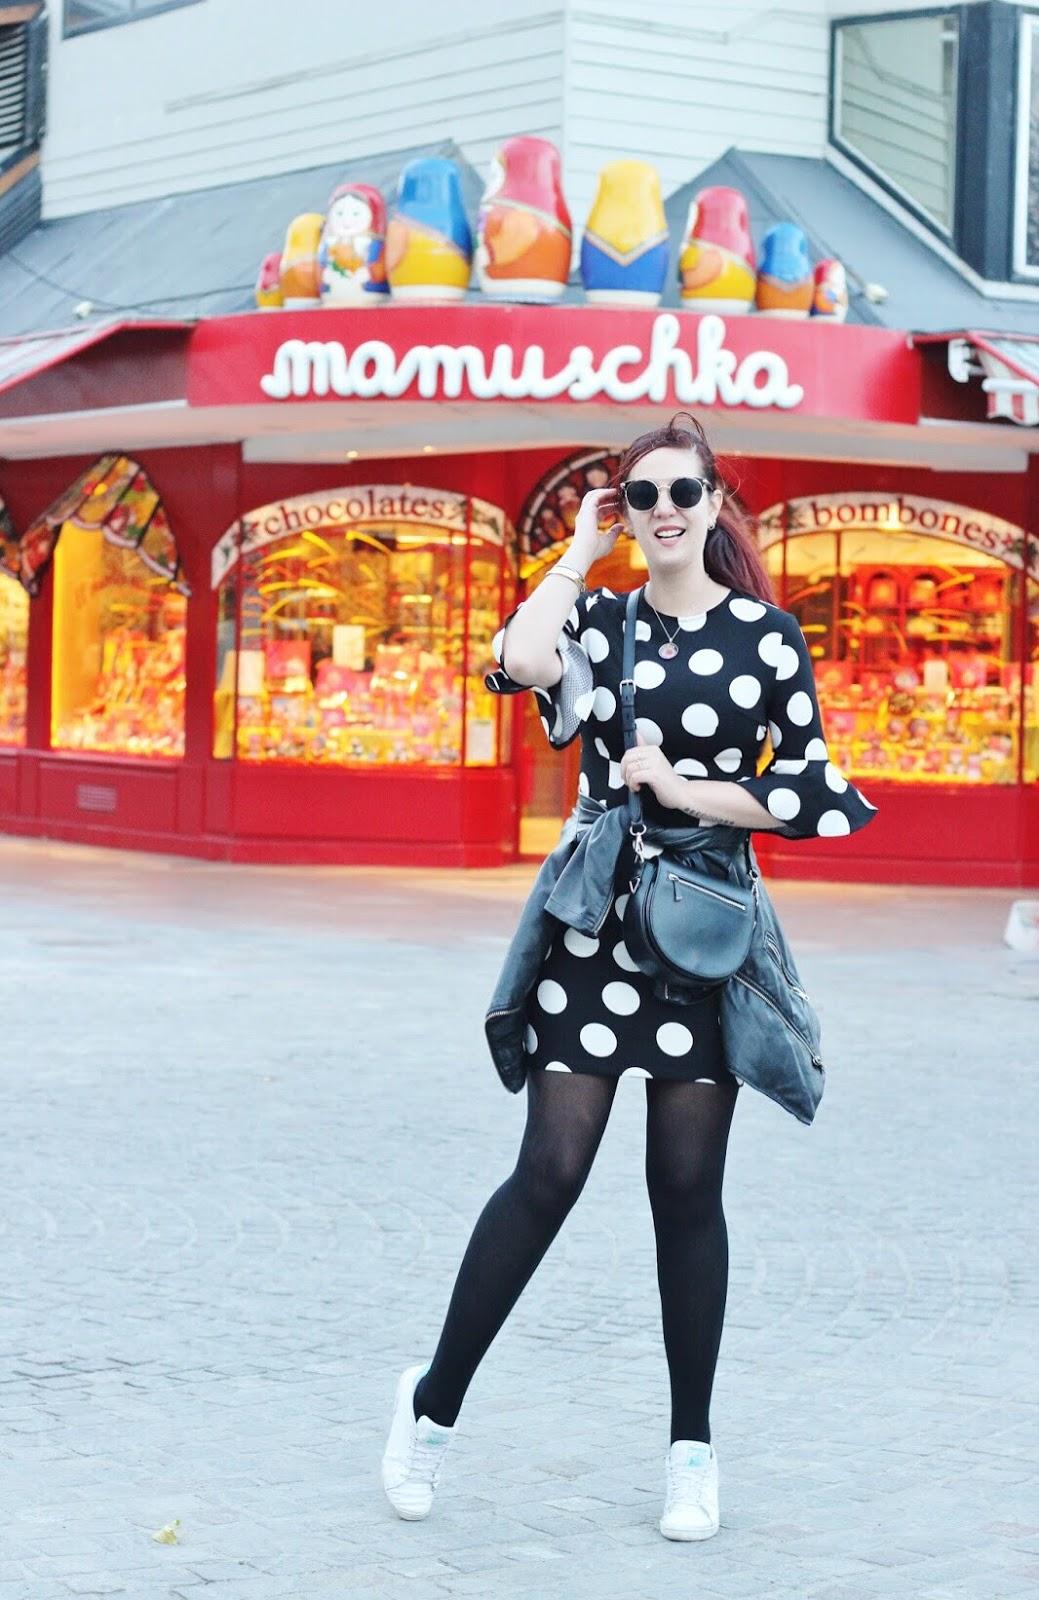 Chocolates en Bariloche - Mamuschka